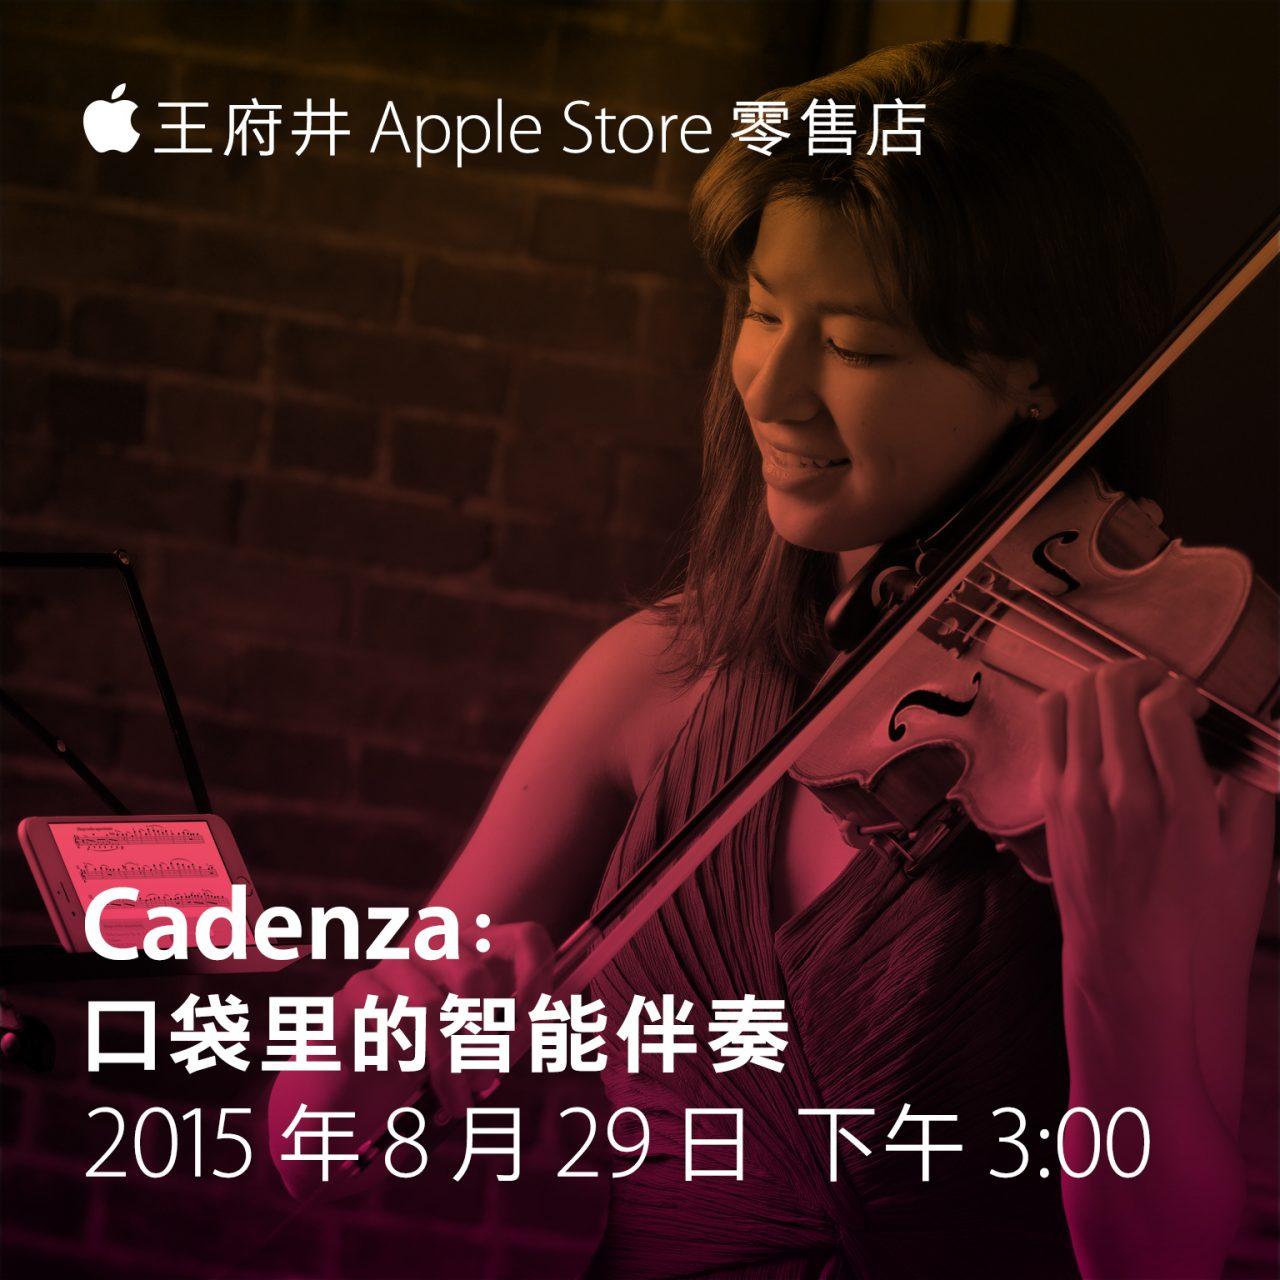 Cadenza8月29号王府井苹果零售店活动